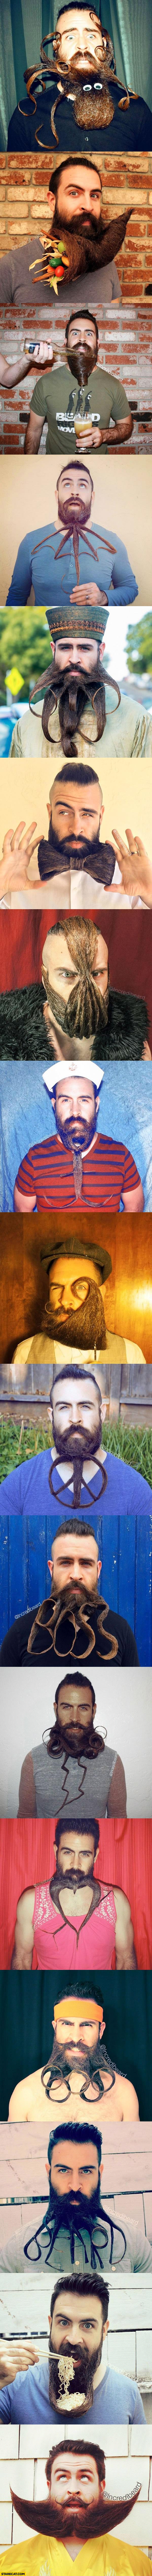 Incredibeard Isaiah Webb beard